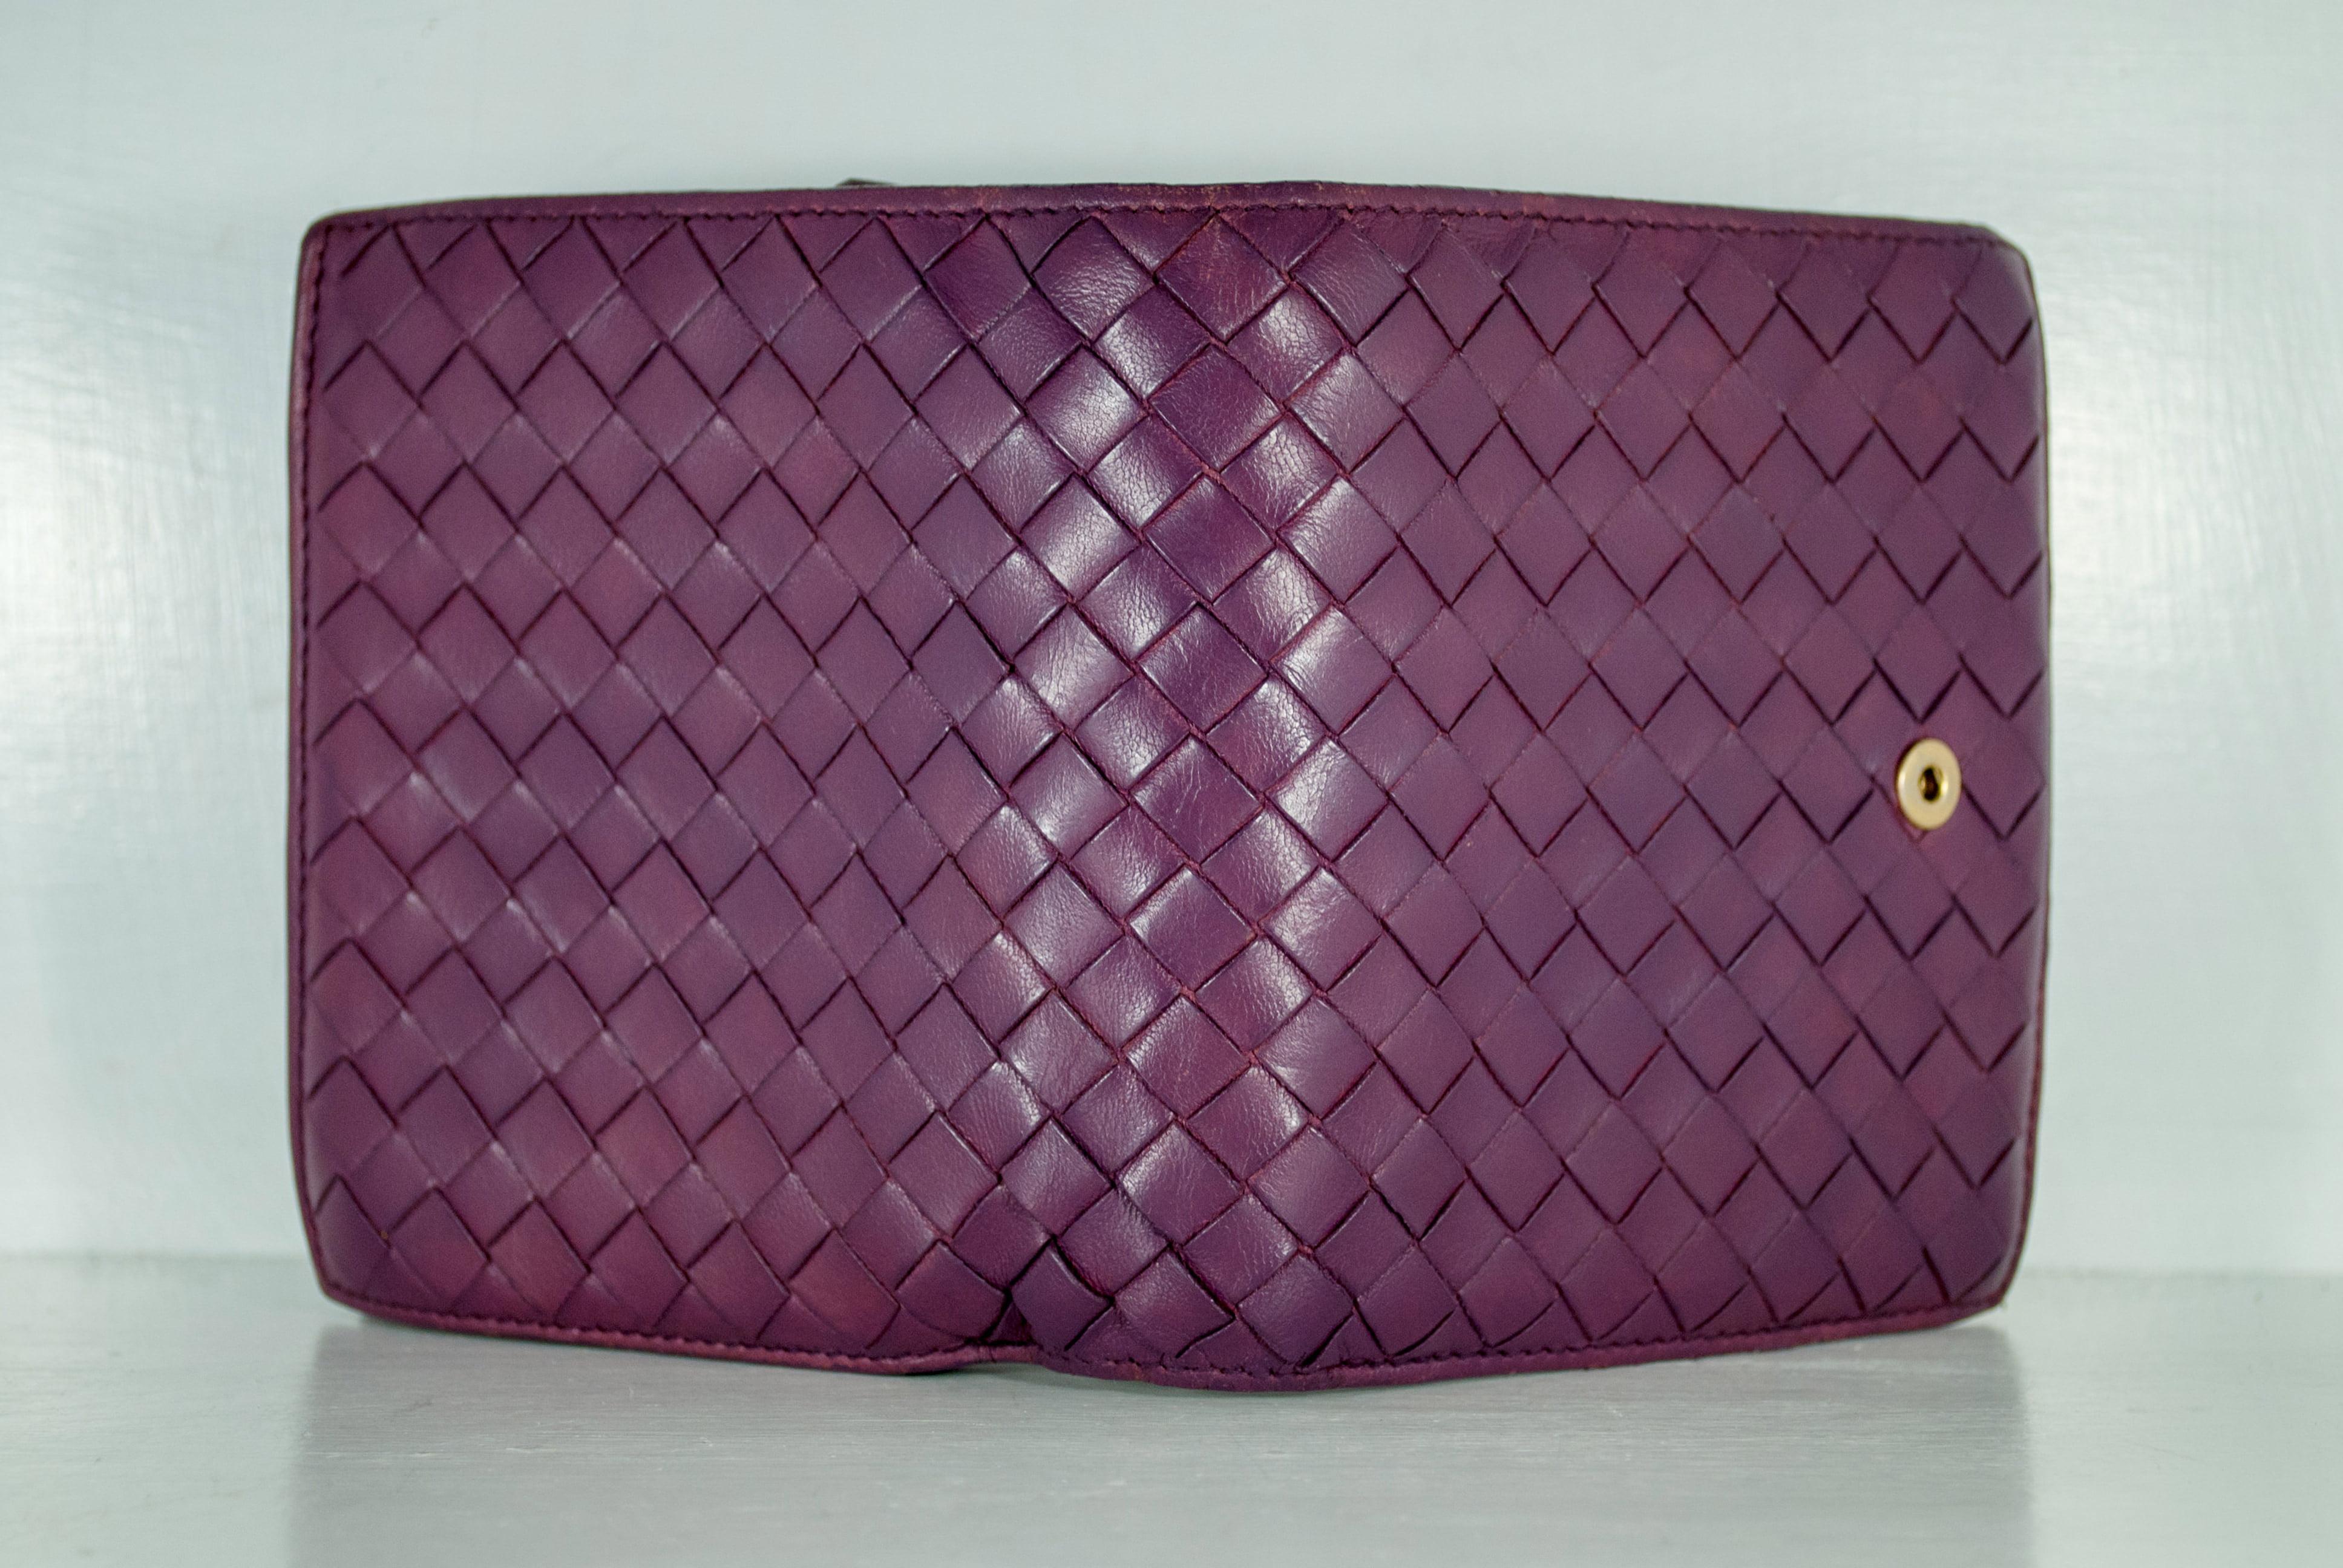 ボッテガヴェネタの財布